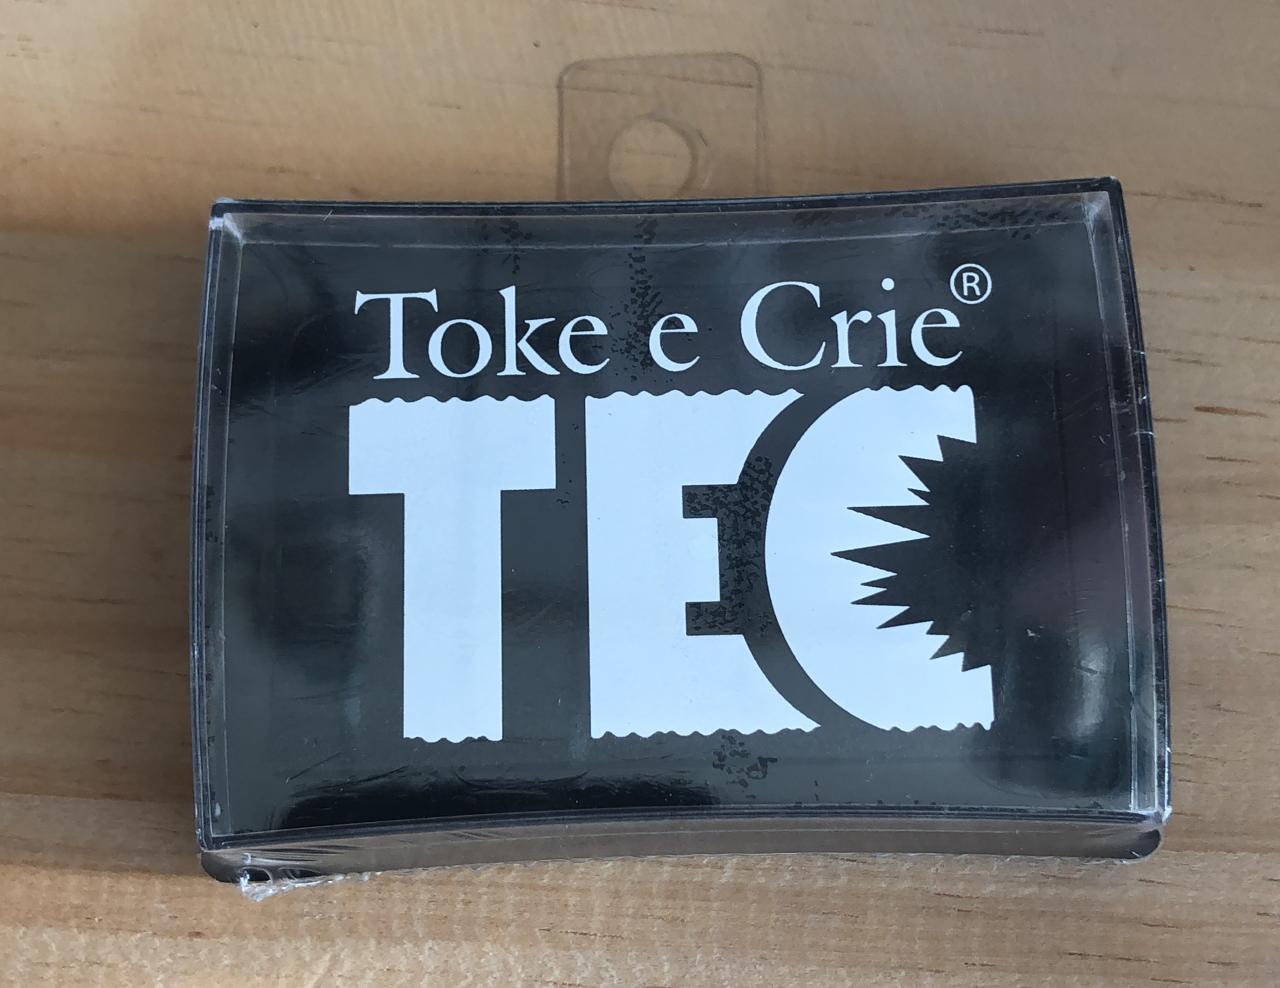 Carimbeira 76 x 53 mm - Cinza - Toke e Crie (20087)